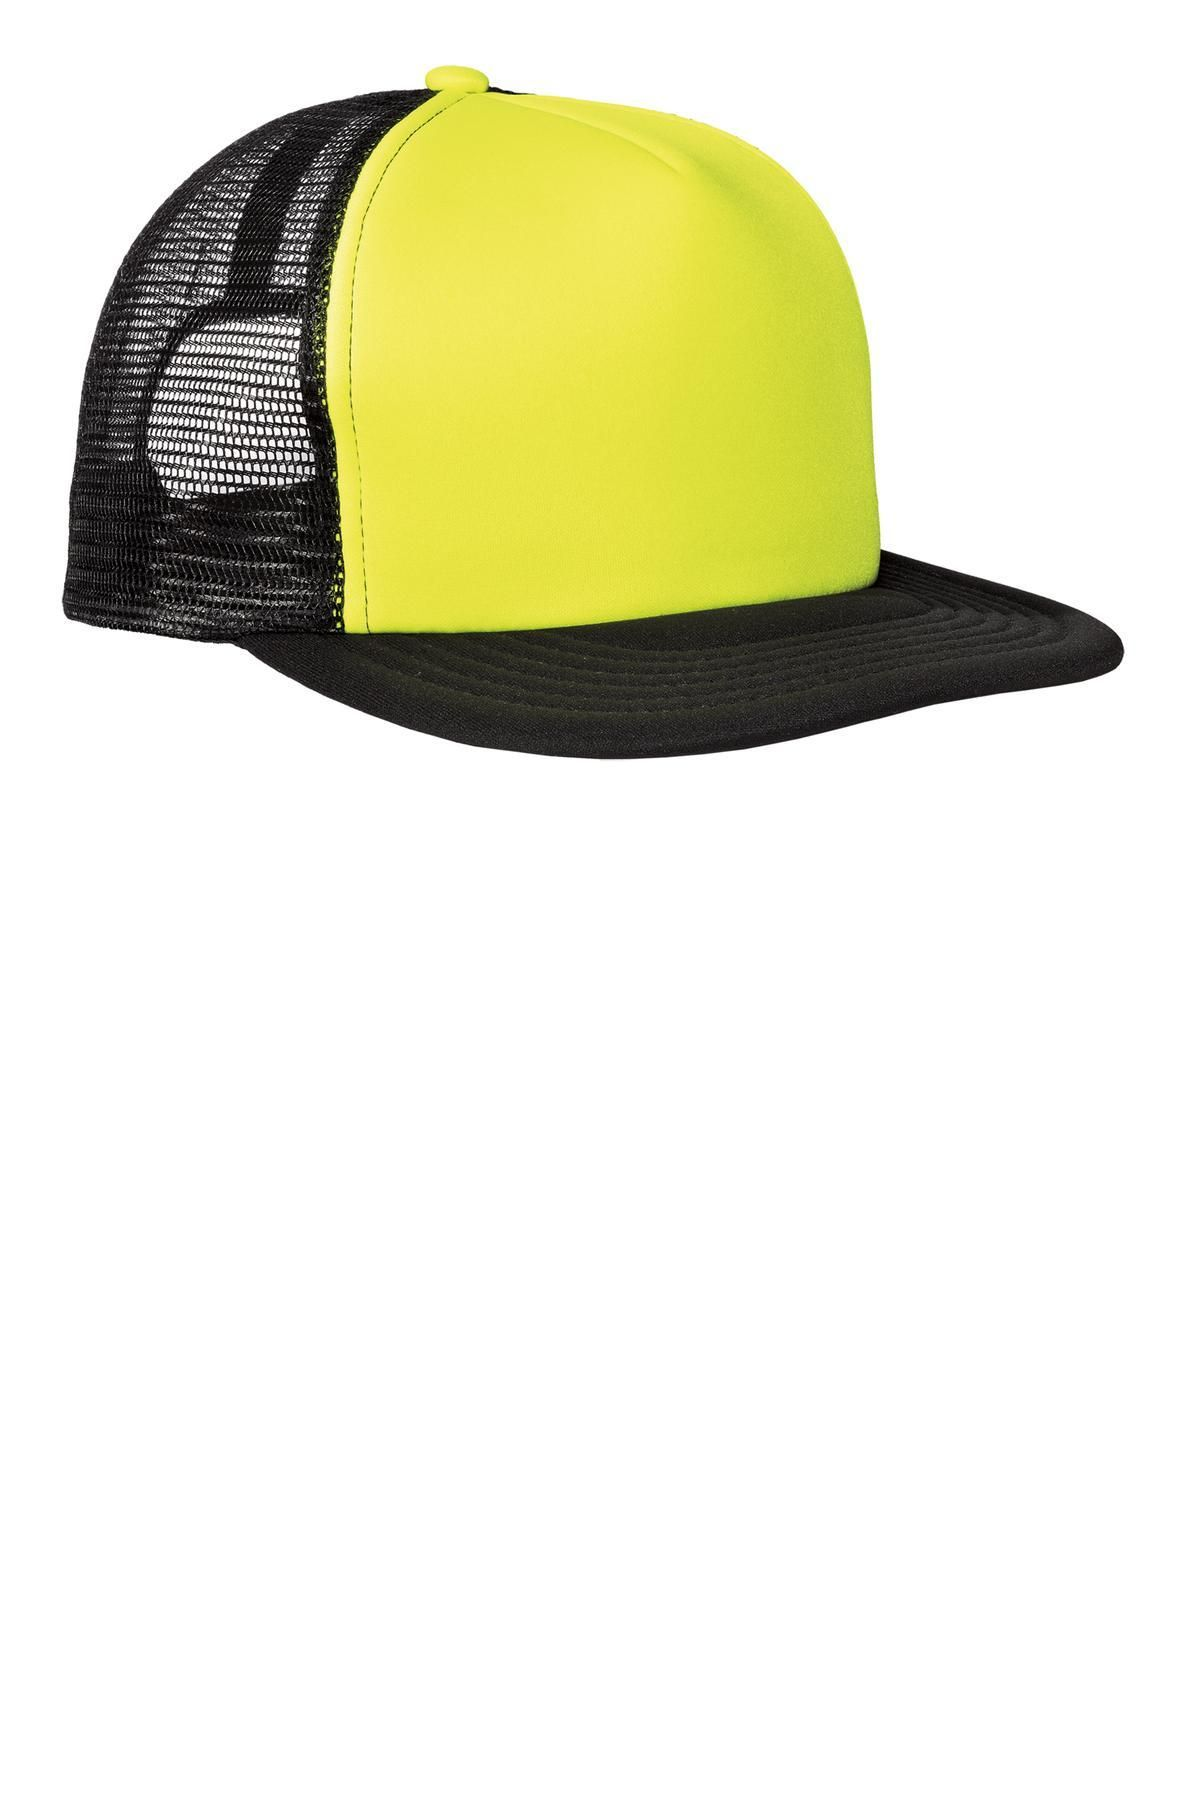 c2066230 District - Flat Bill Snapback Trucker Cap DT624 Neon Yellow in 2019 ...